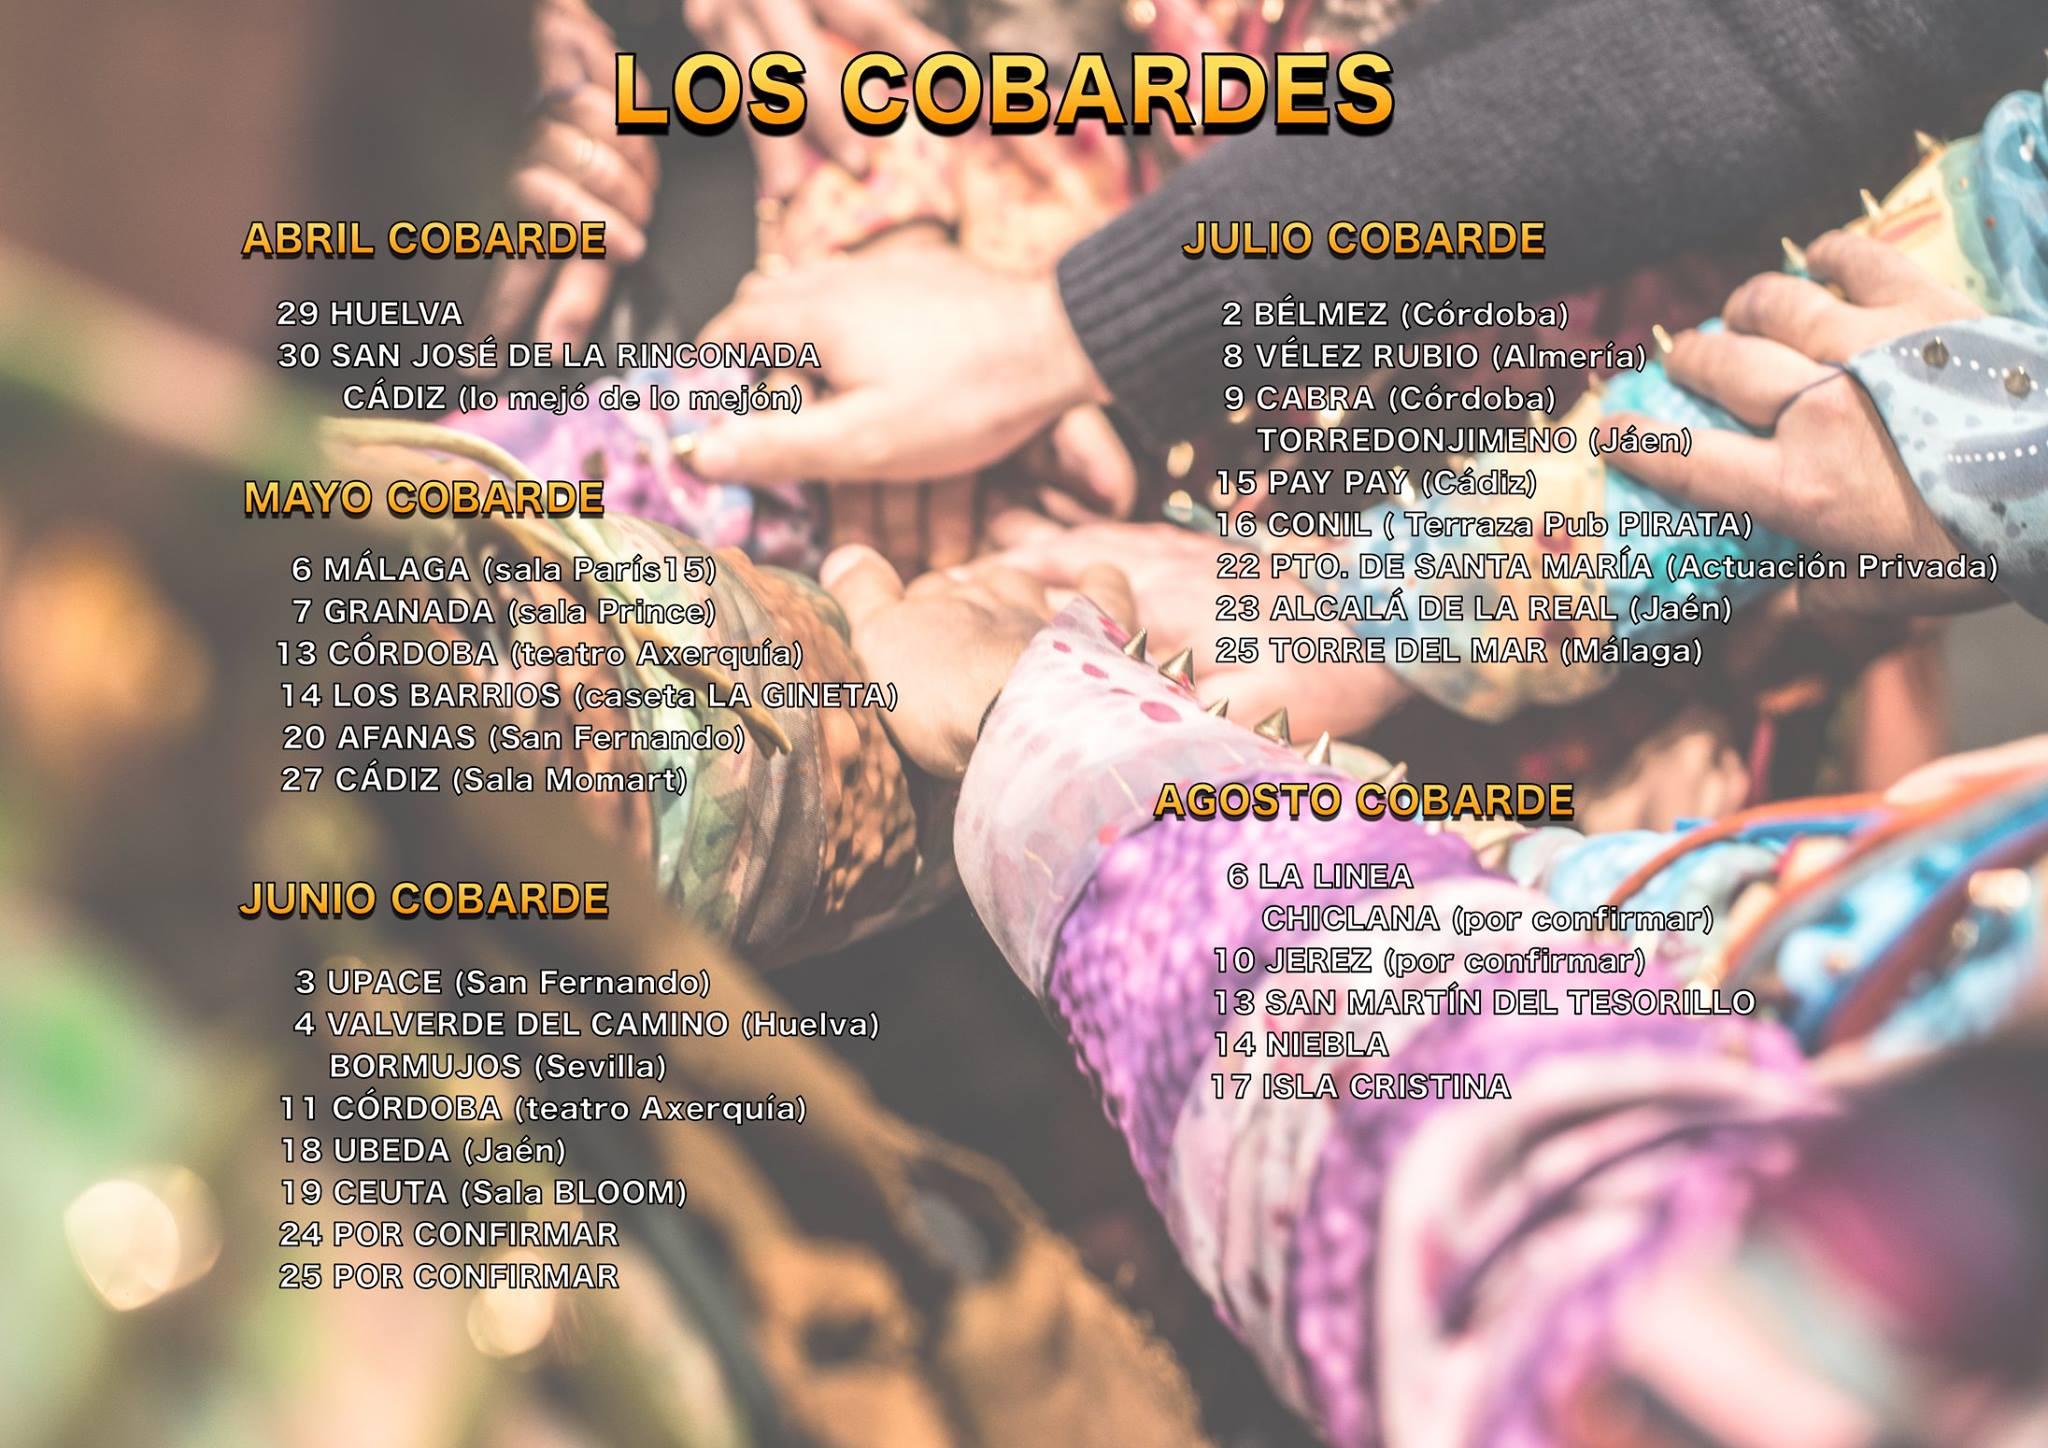 La impresionante agenda de actuaciones de la comparsa de Martínez Ares